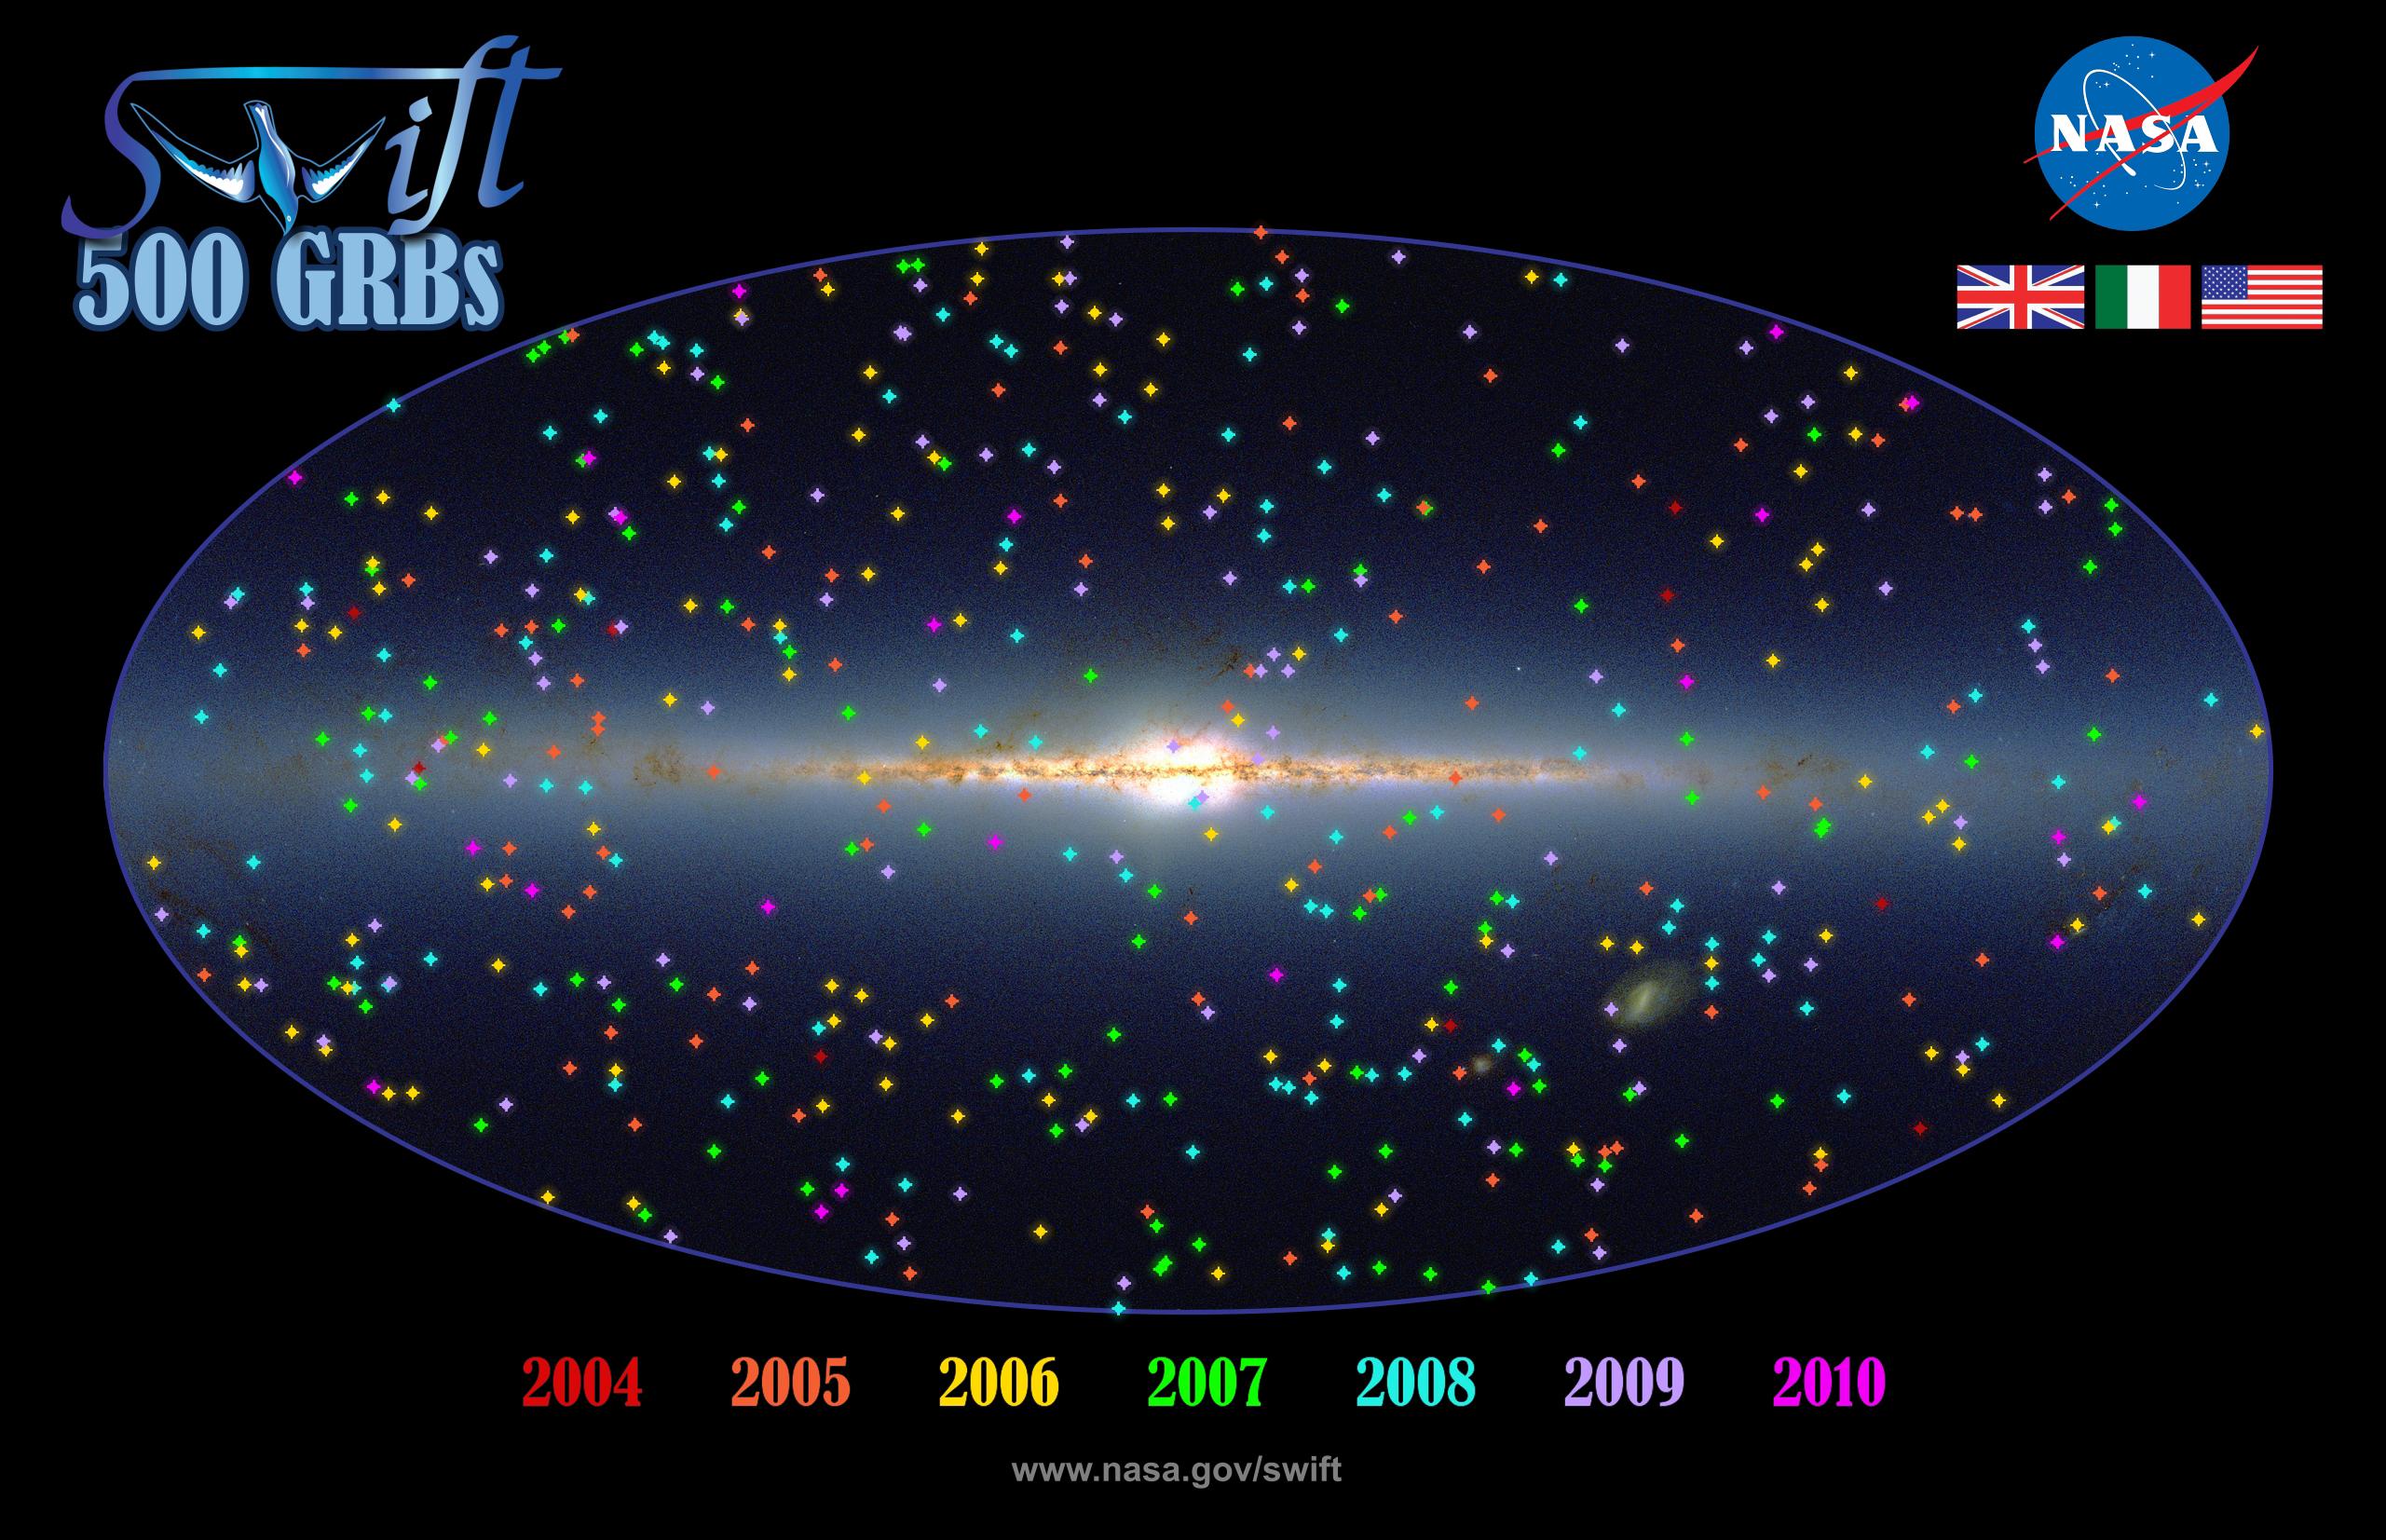 NASA - NASA's Swift Catches 500th Gamma-ray Burst